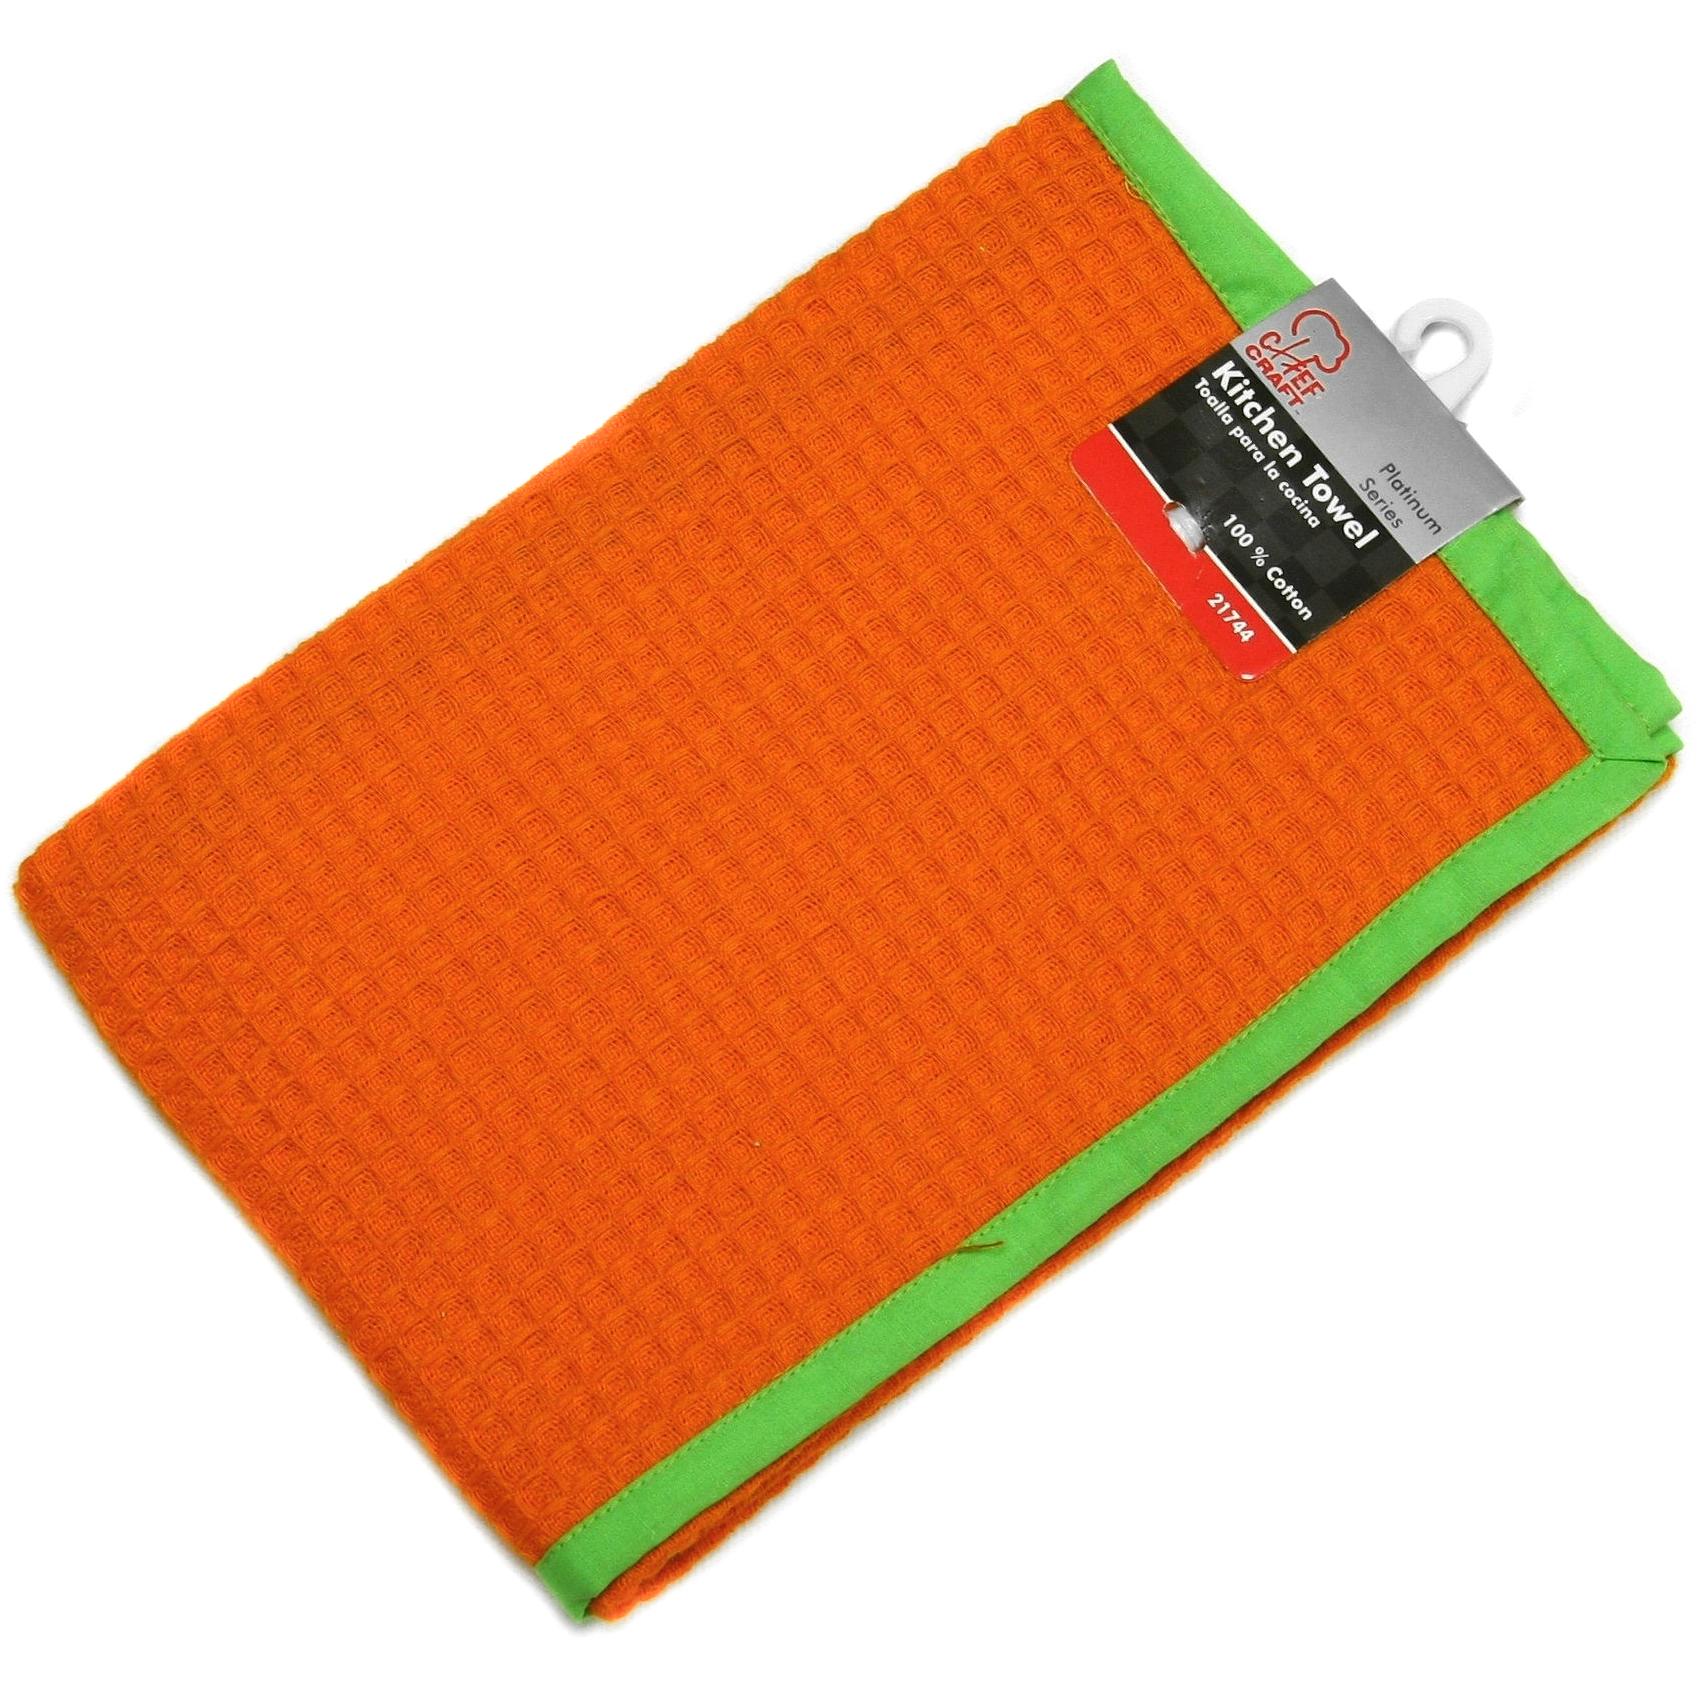 Orange Kitchen TOWELs